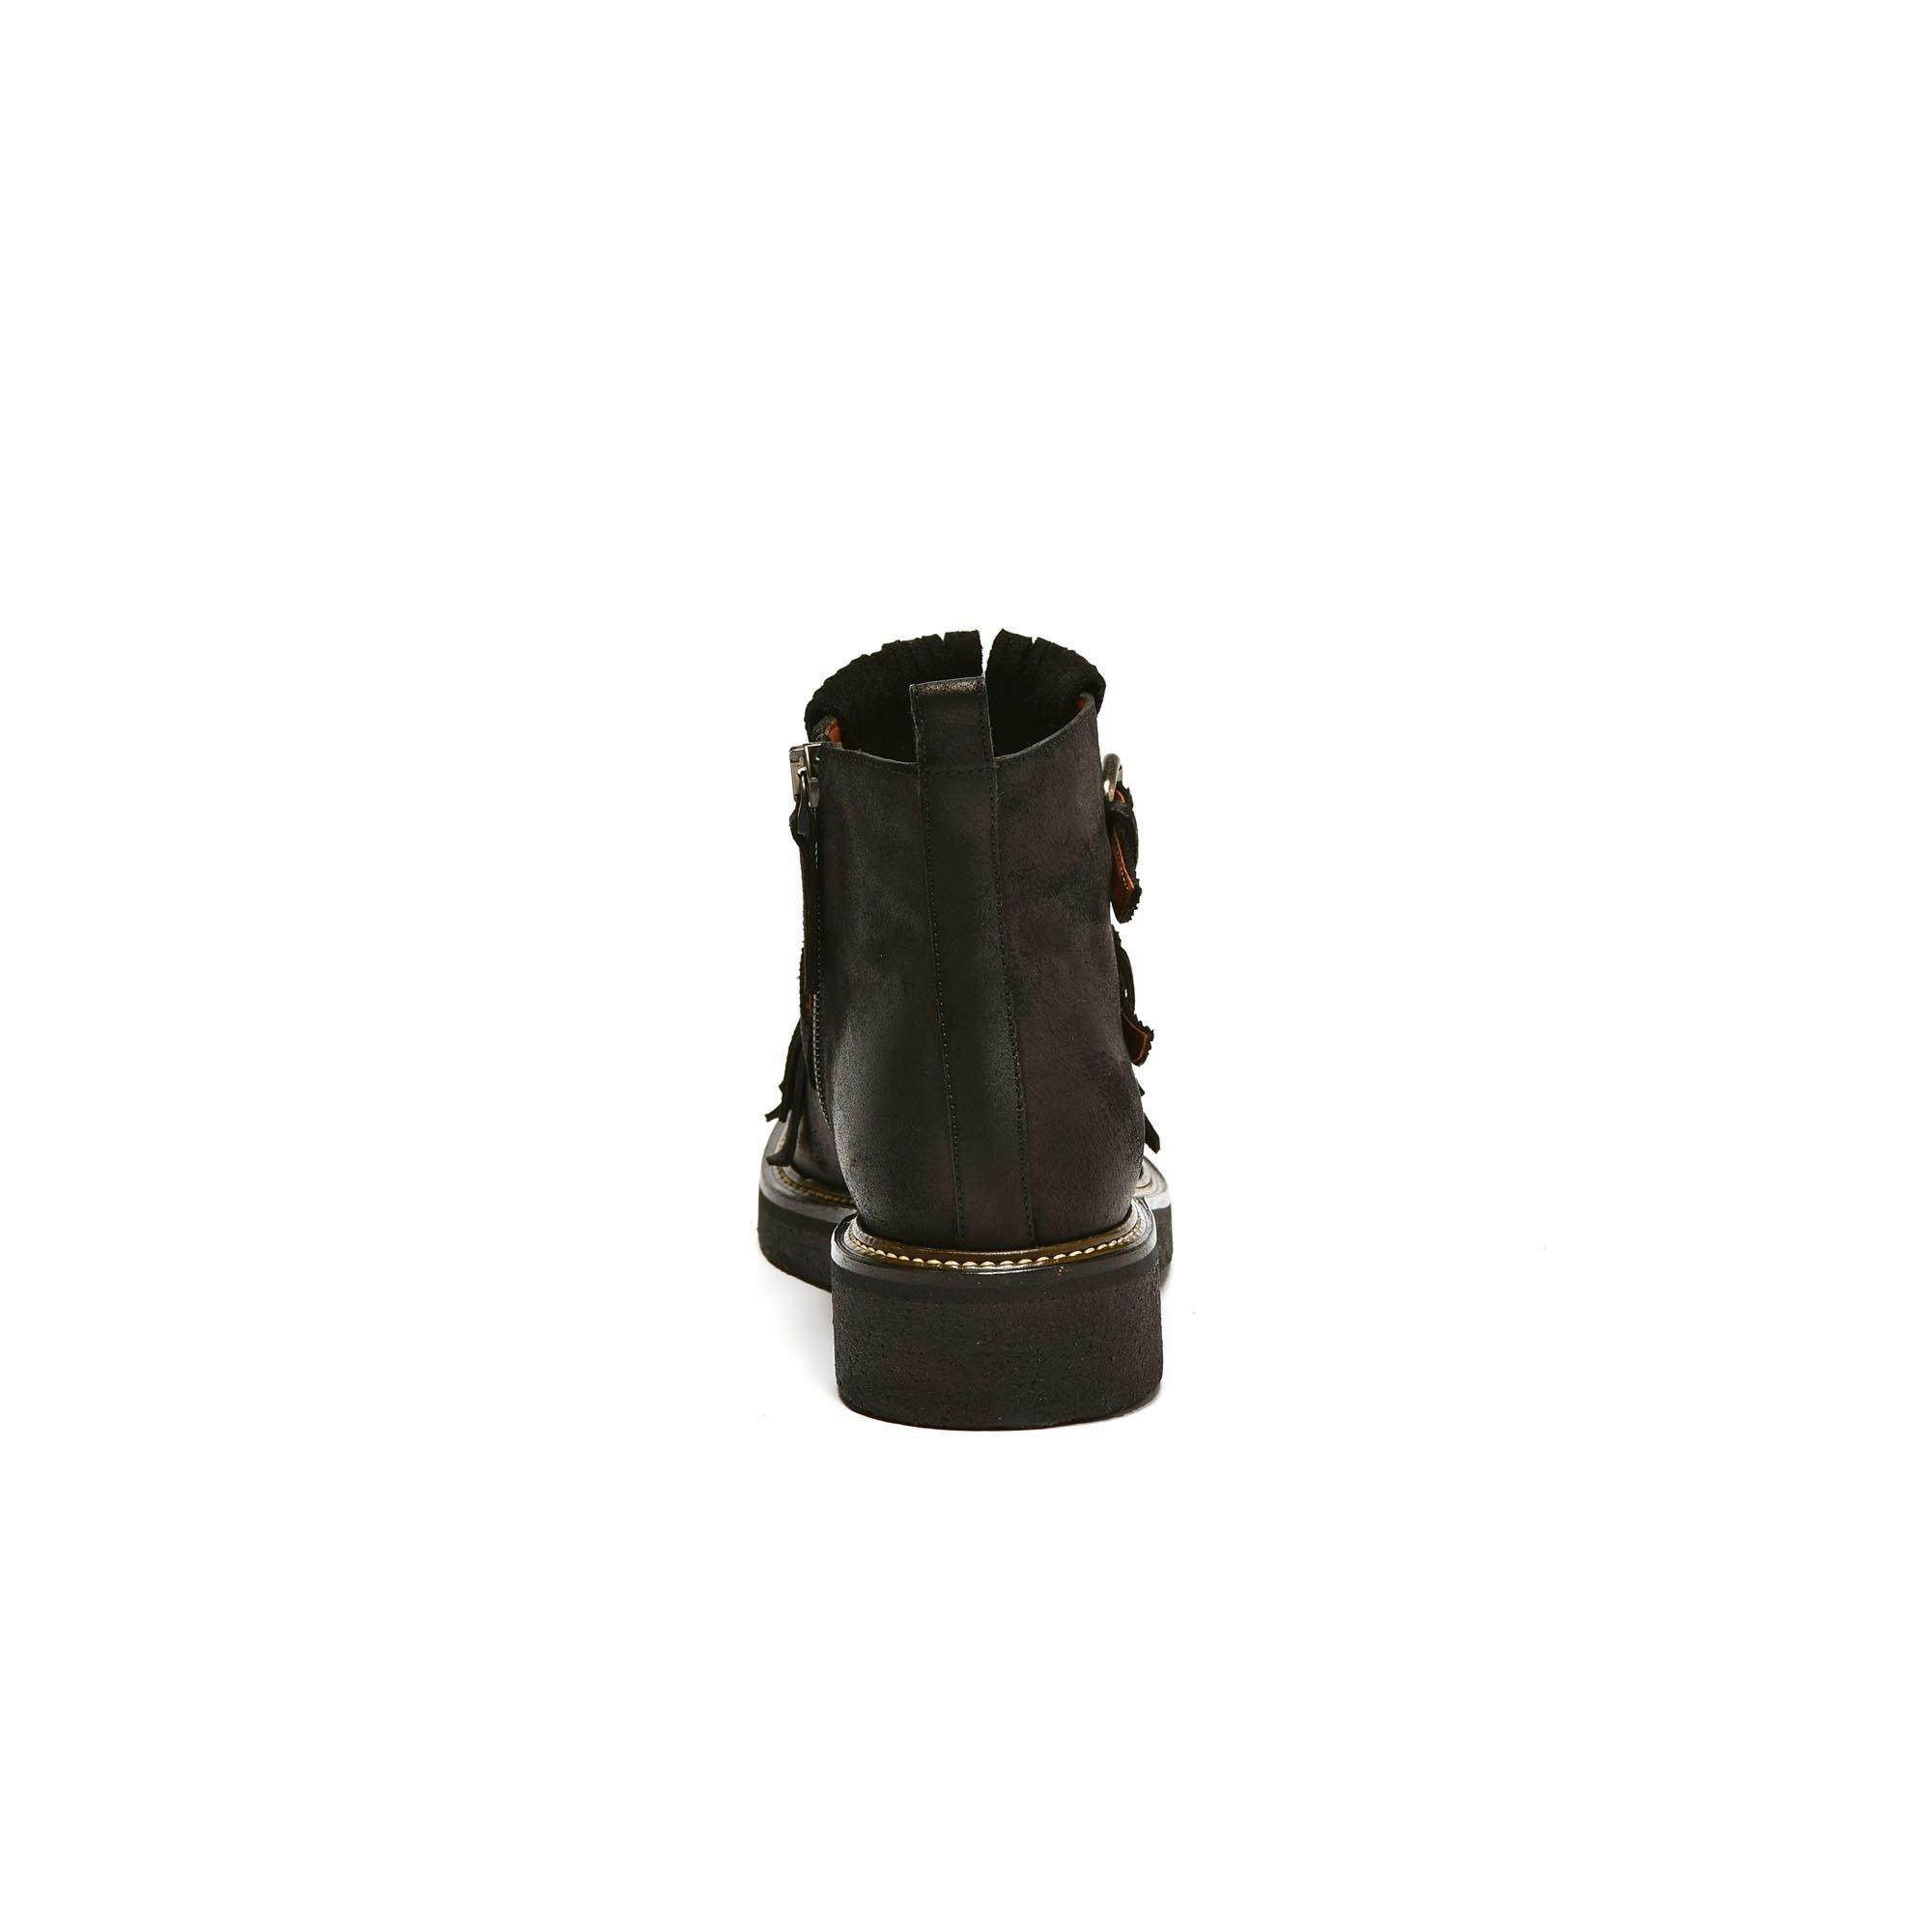 SX 865 Boots franges noires Sartore